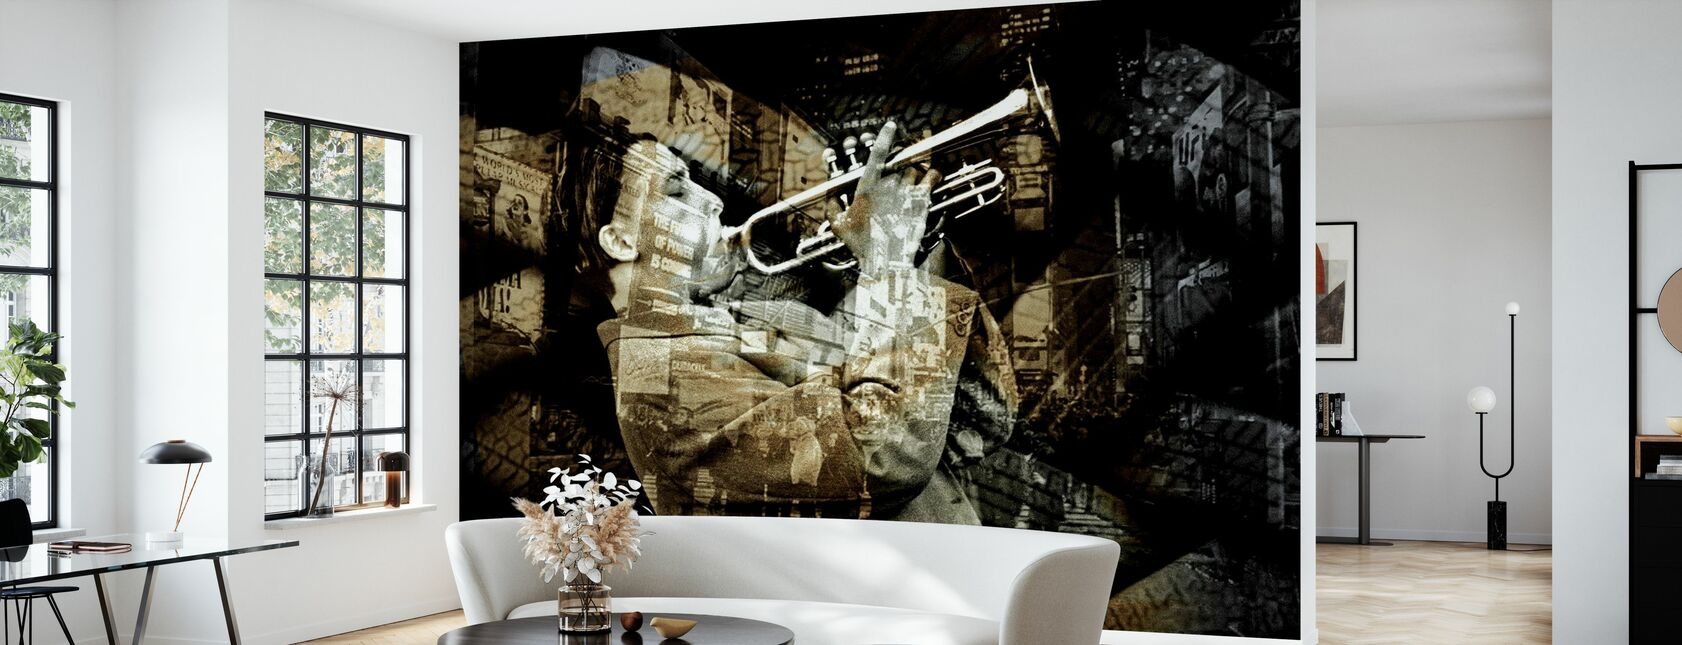 All The Jazz - Tapete - Wohnzimmer